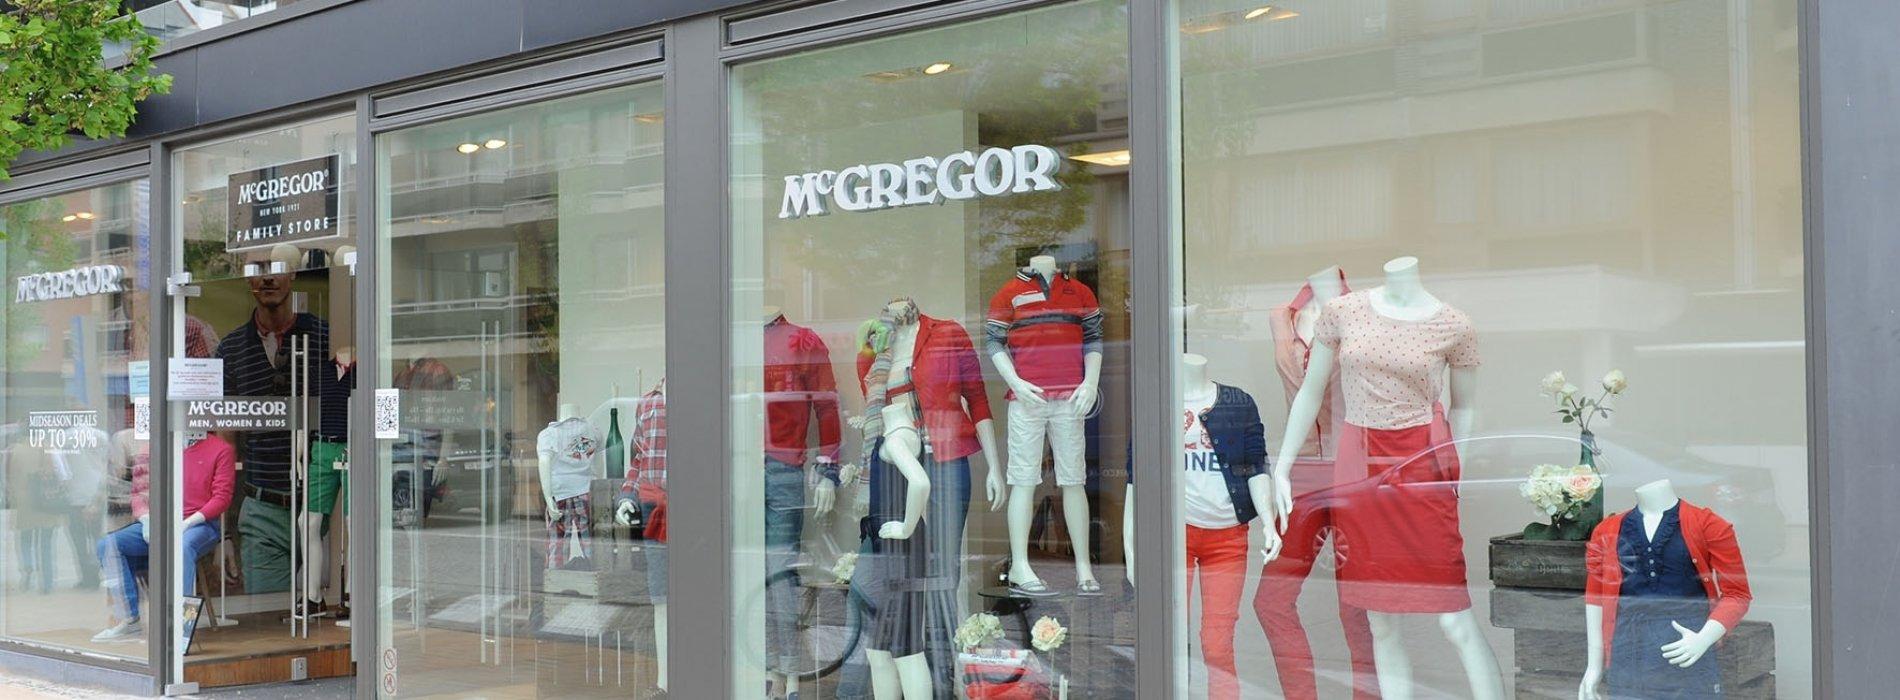 Mcgregor Shop - Mode - Winkelen - Visit Nieuwpoort